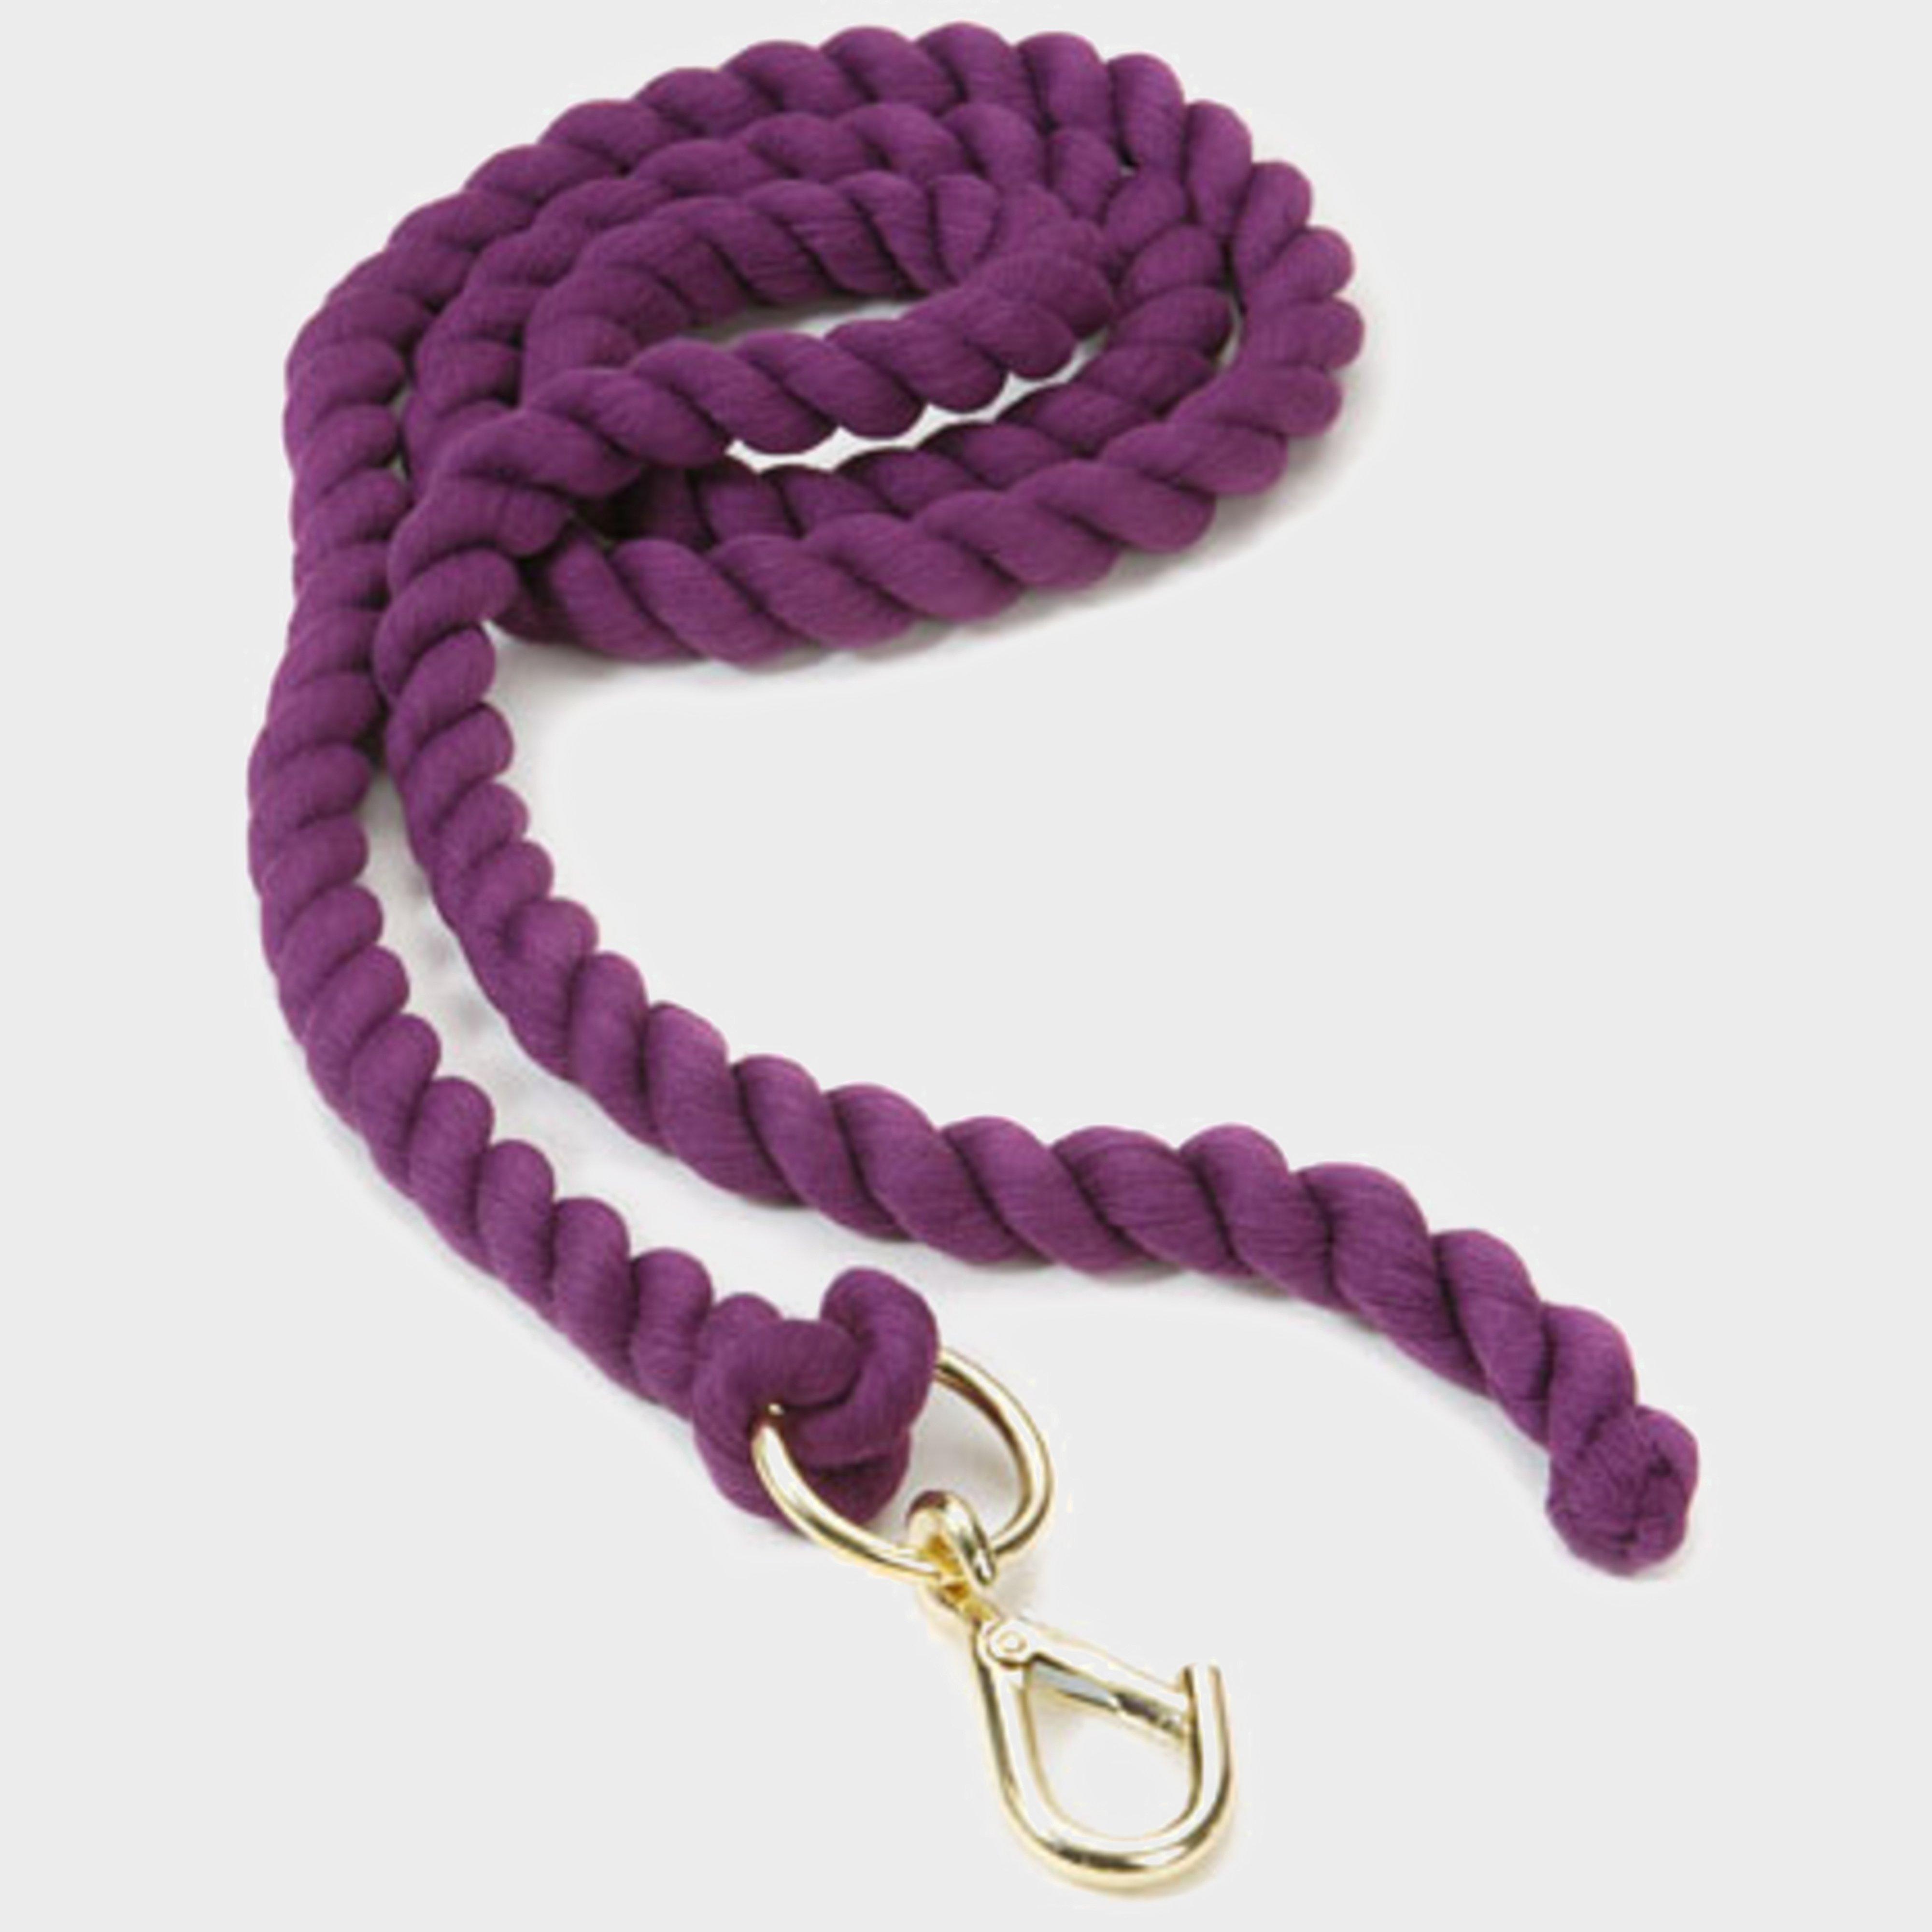 Shires Plain Headcollar Lead Rope - Purple/purple  Purple/purple